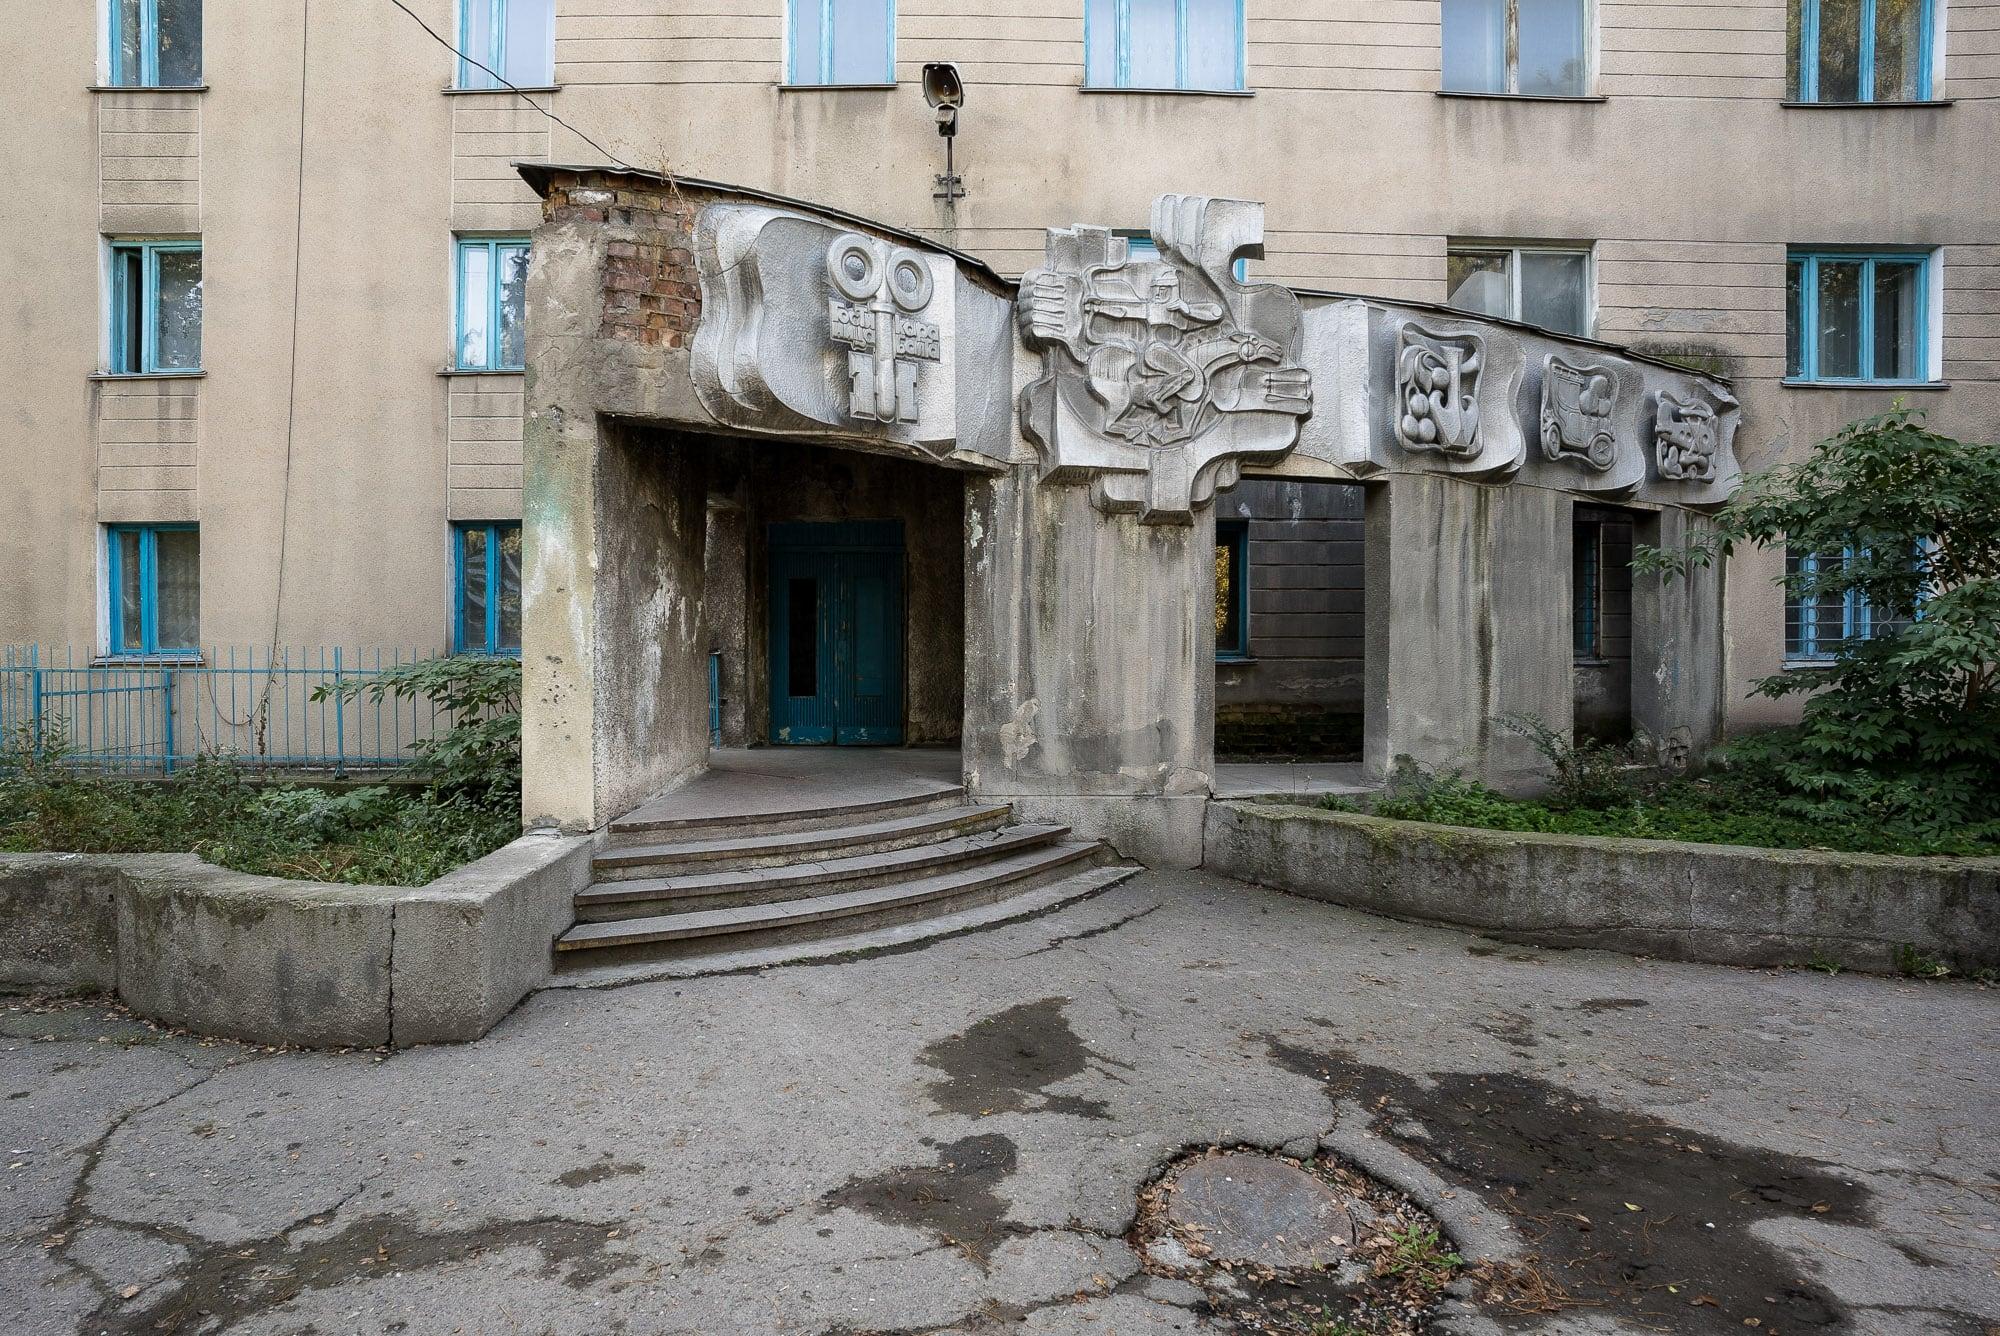 Kara-Balta Hotel